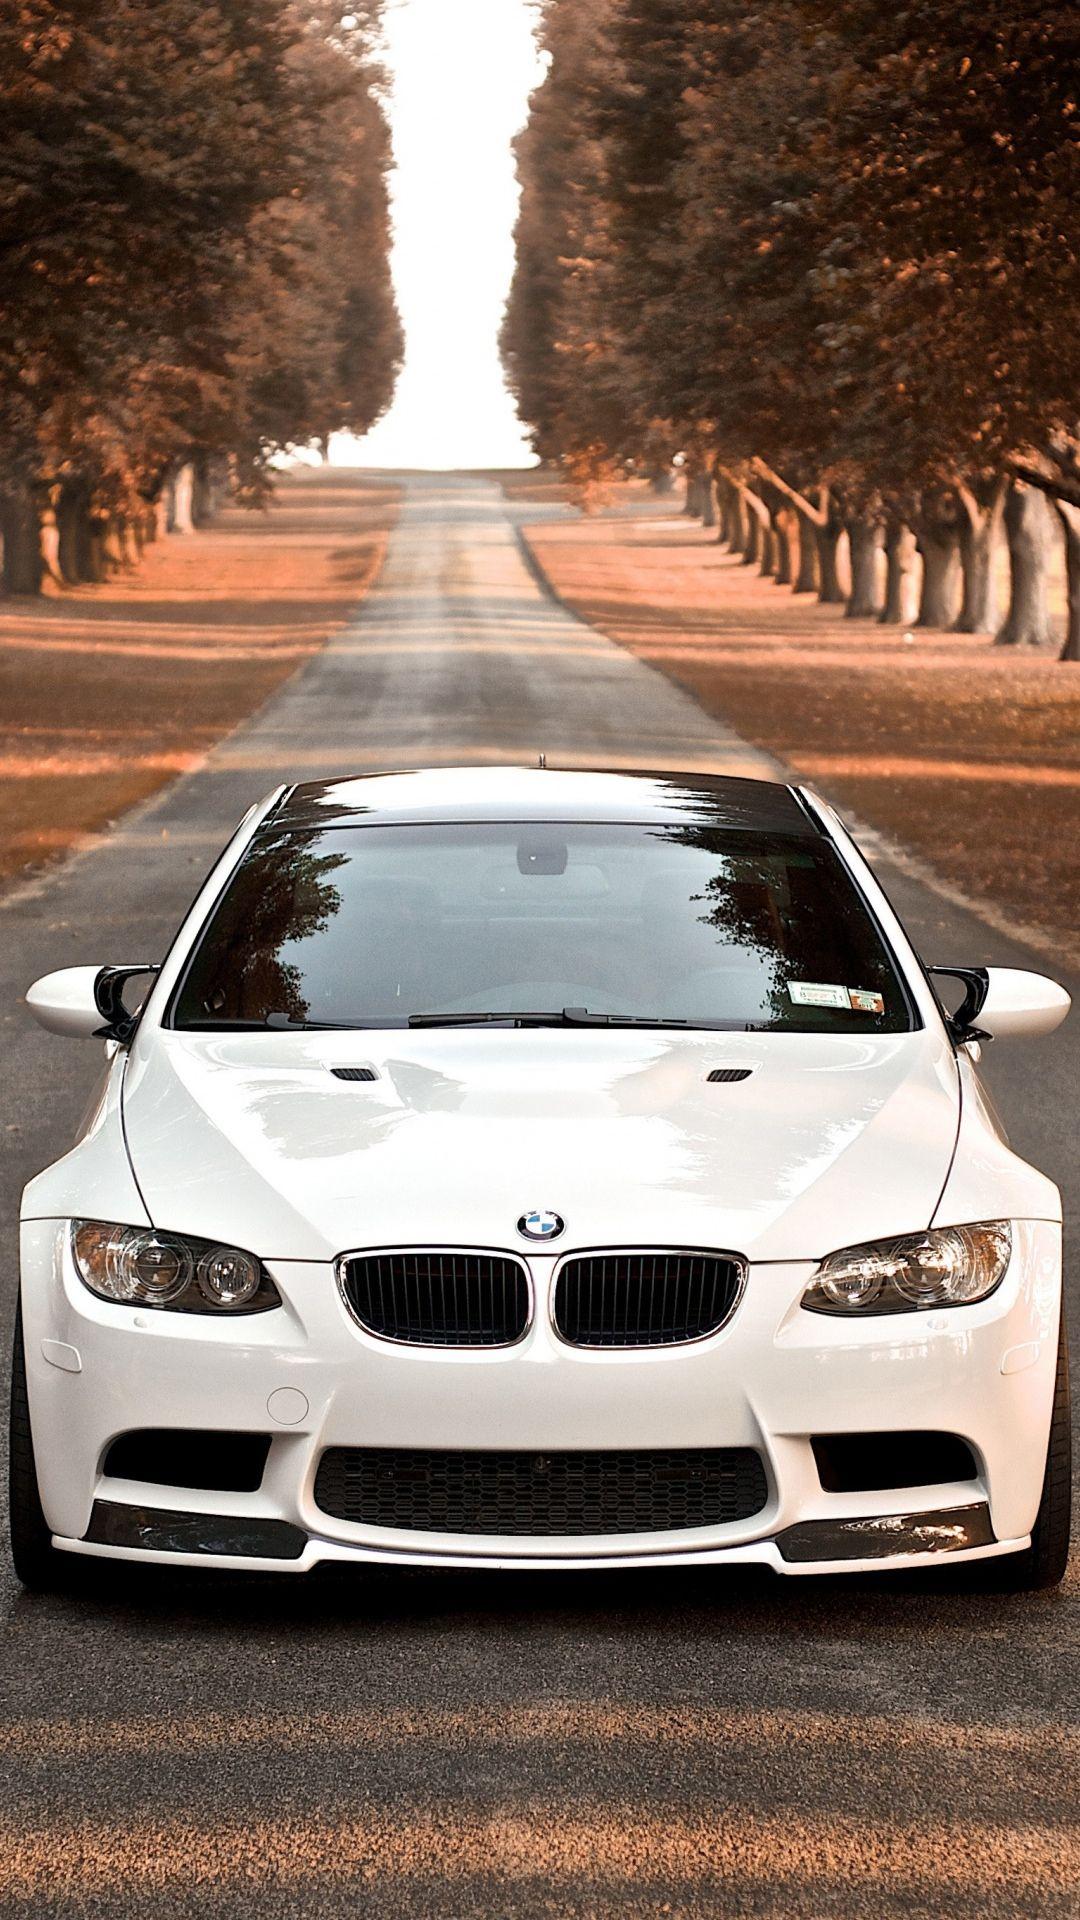 White BMW M3 Branca Bmw, Wallpapers en hd